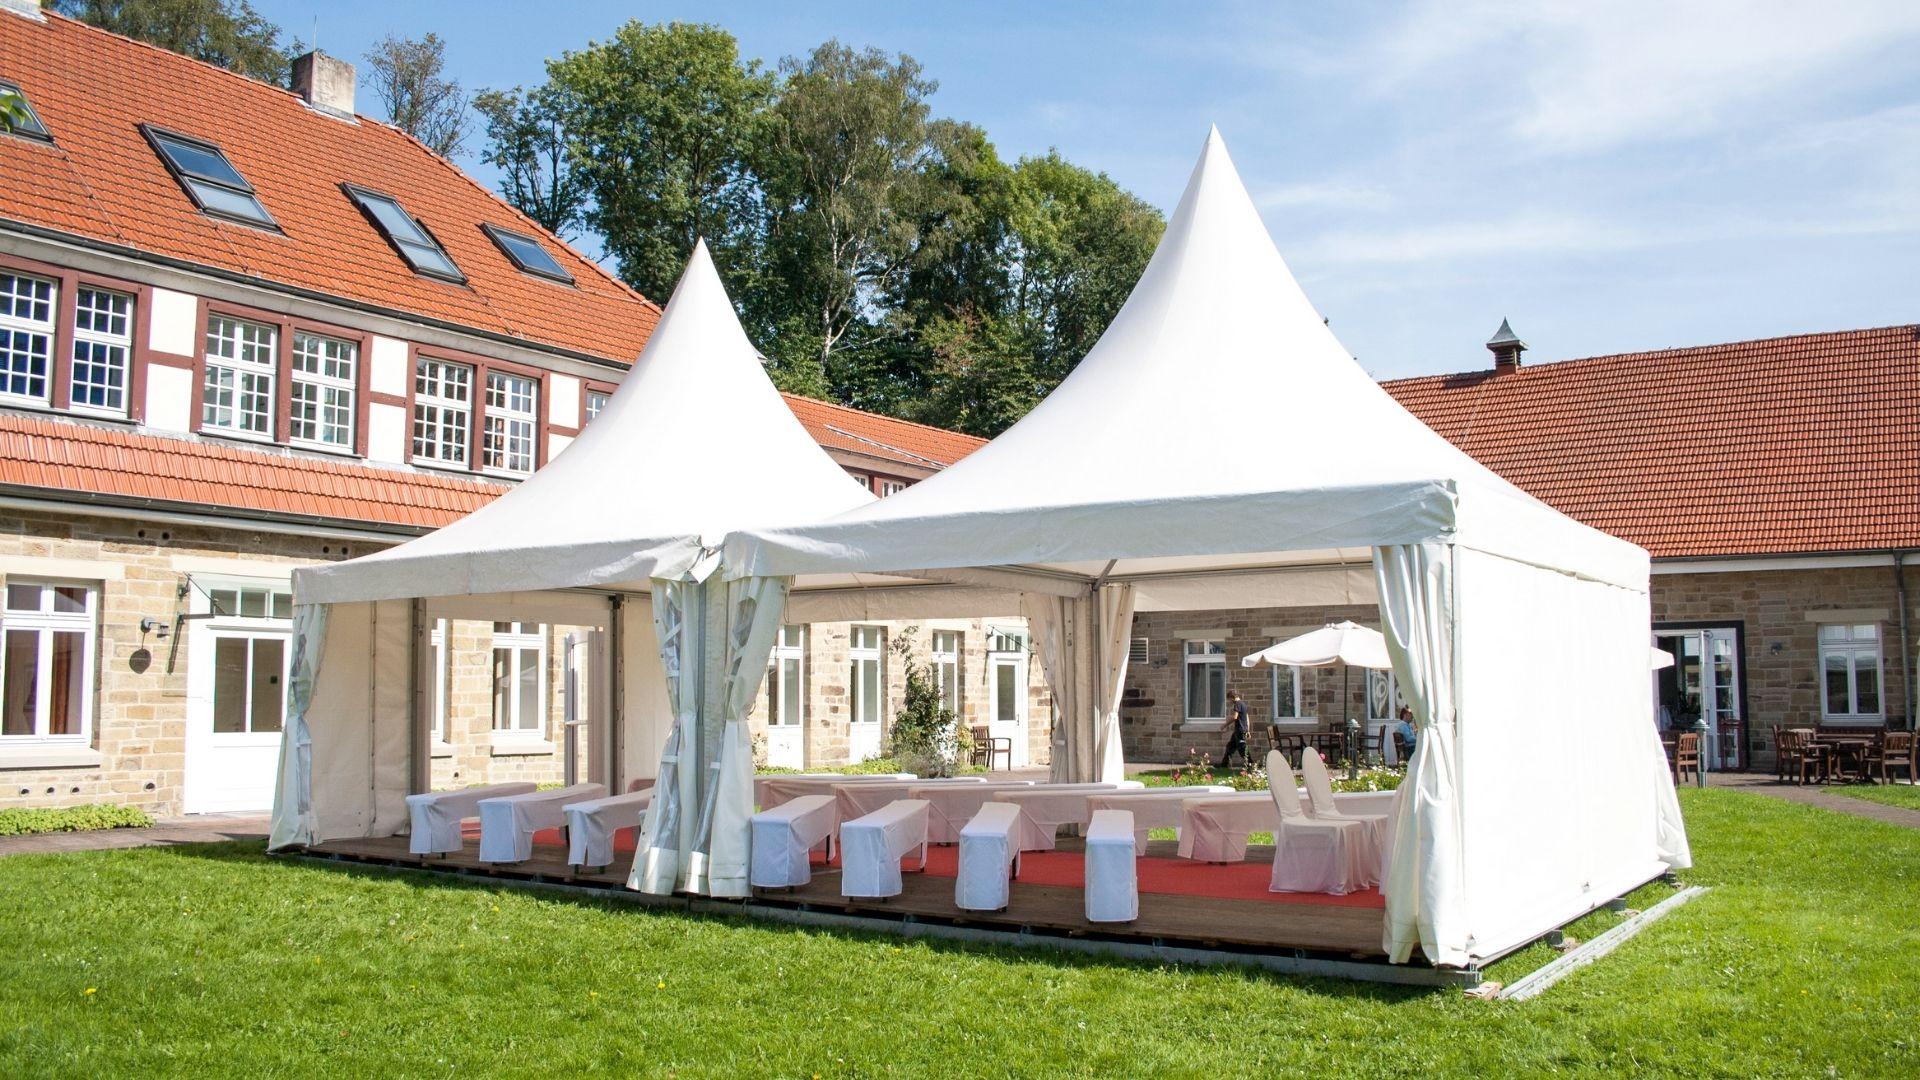 Zeltverleih Essen - Das passende Zelt von Meventa für Ihr Event